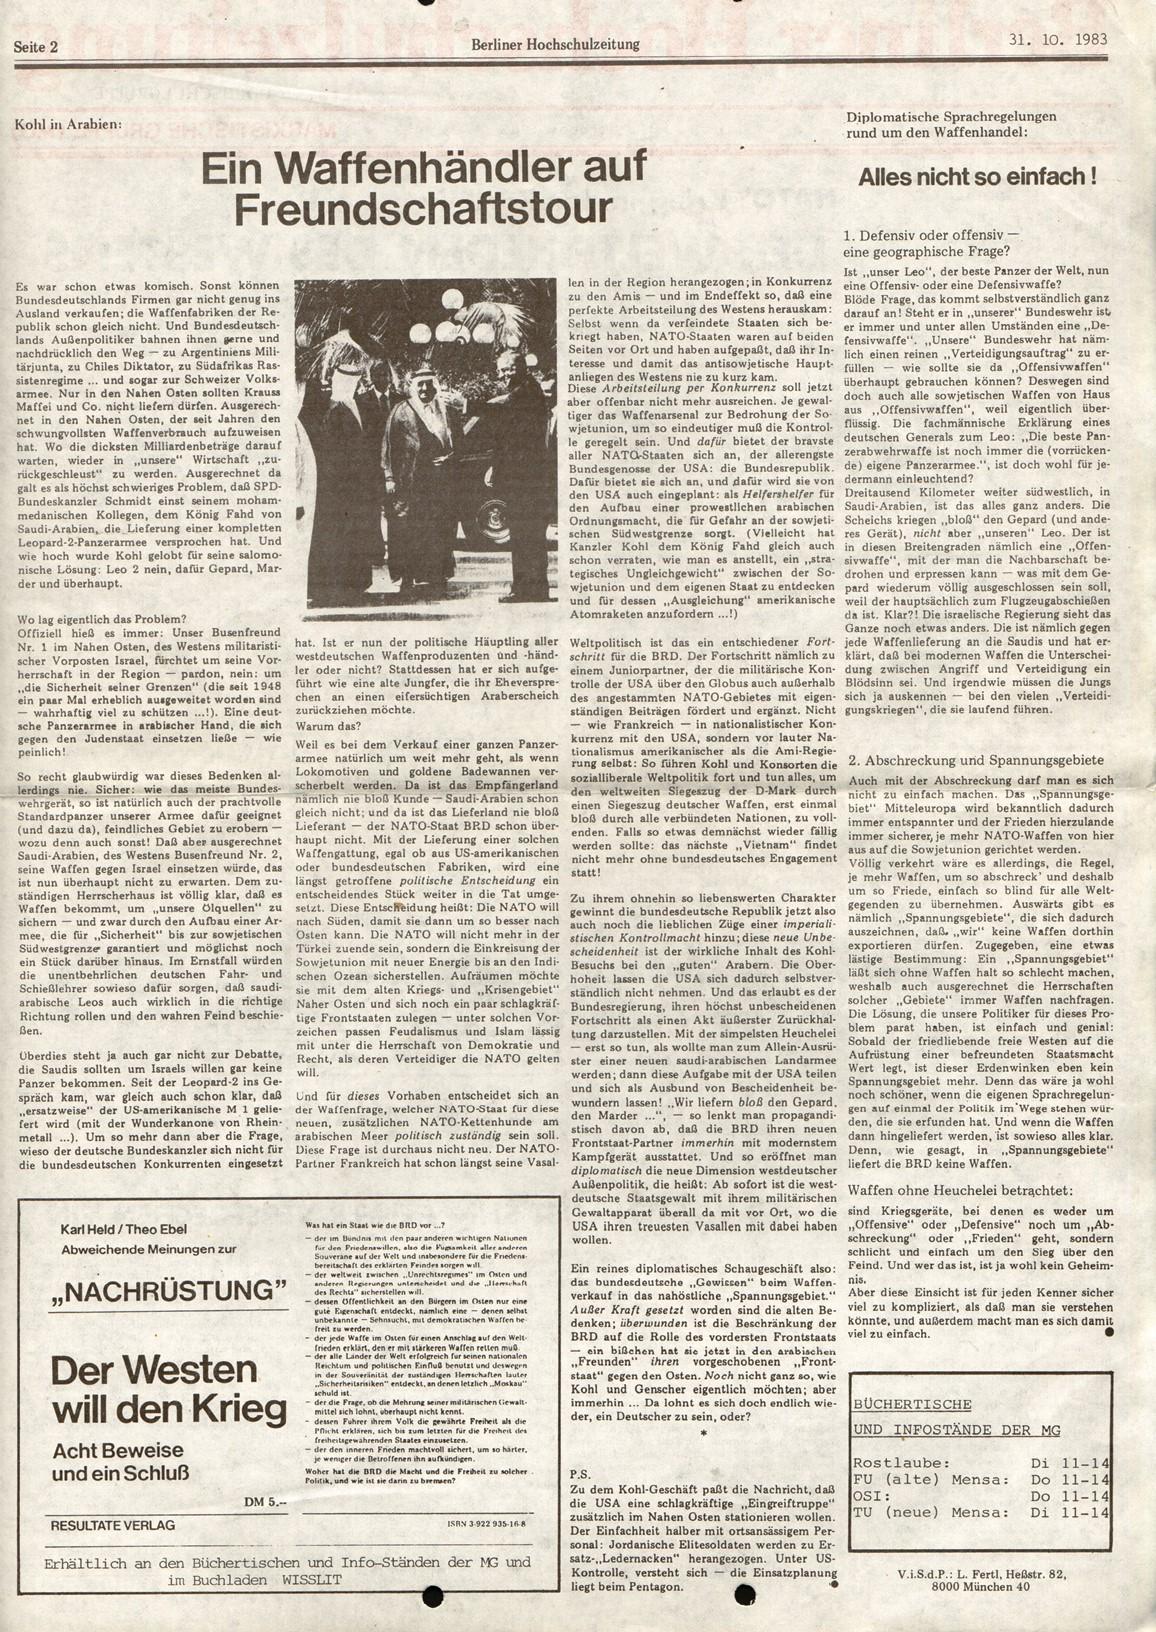 Berlin_MG_Hochschulzeitung_19831031_02